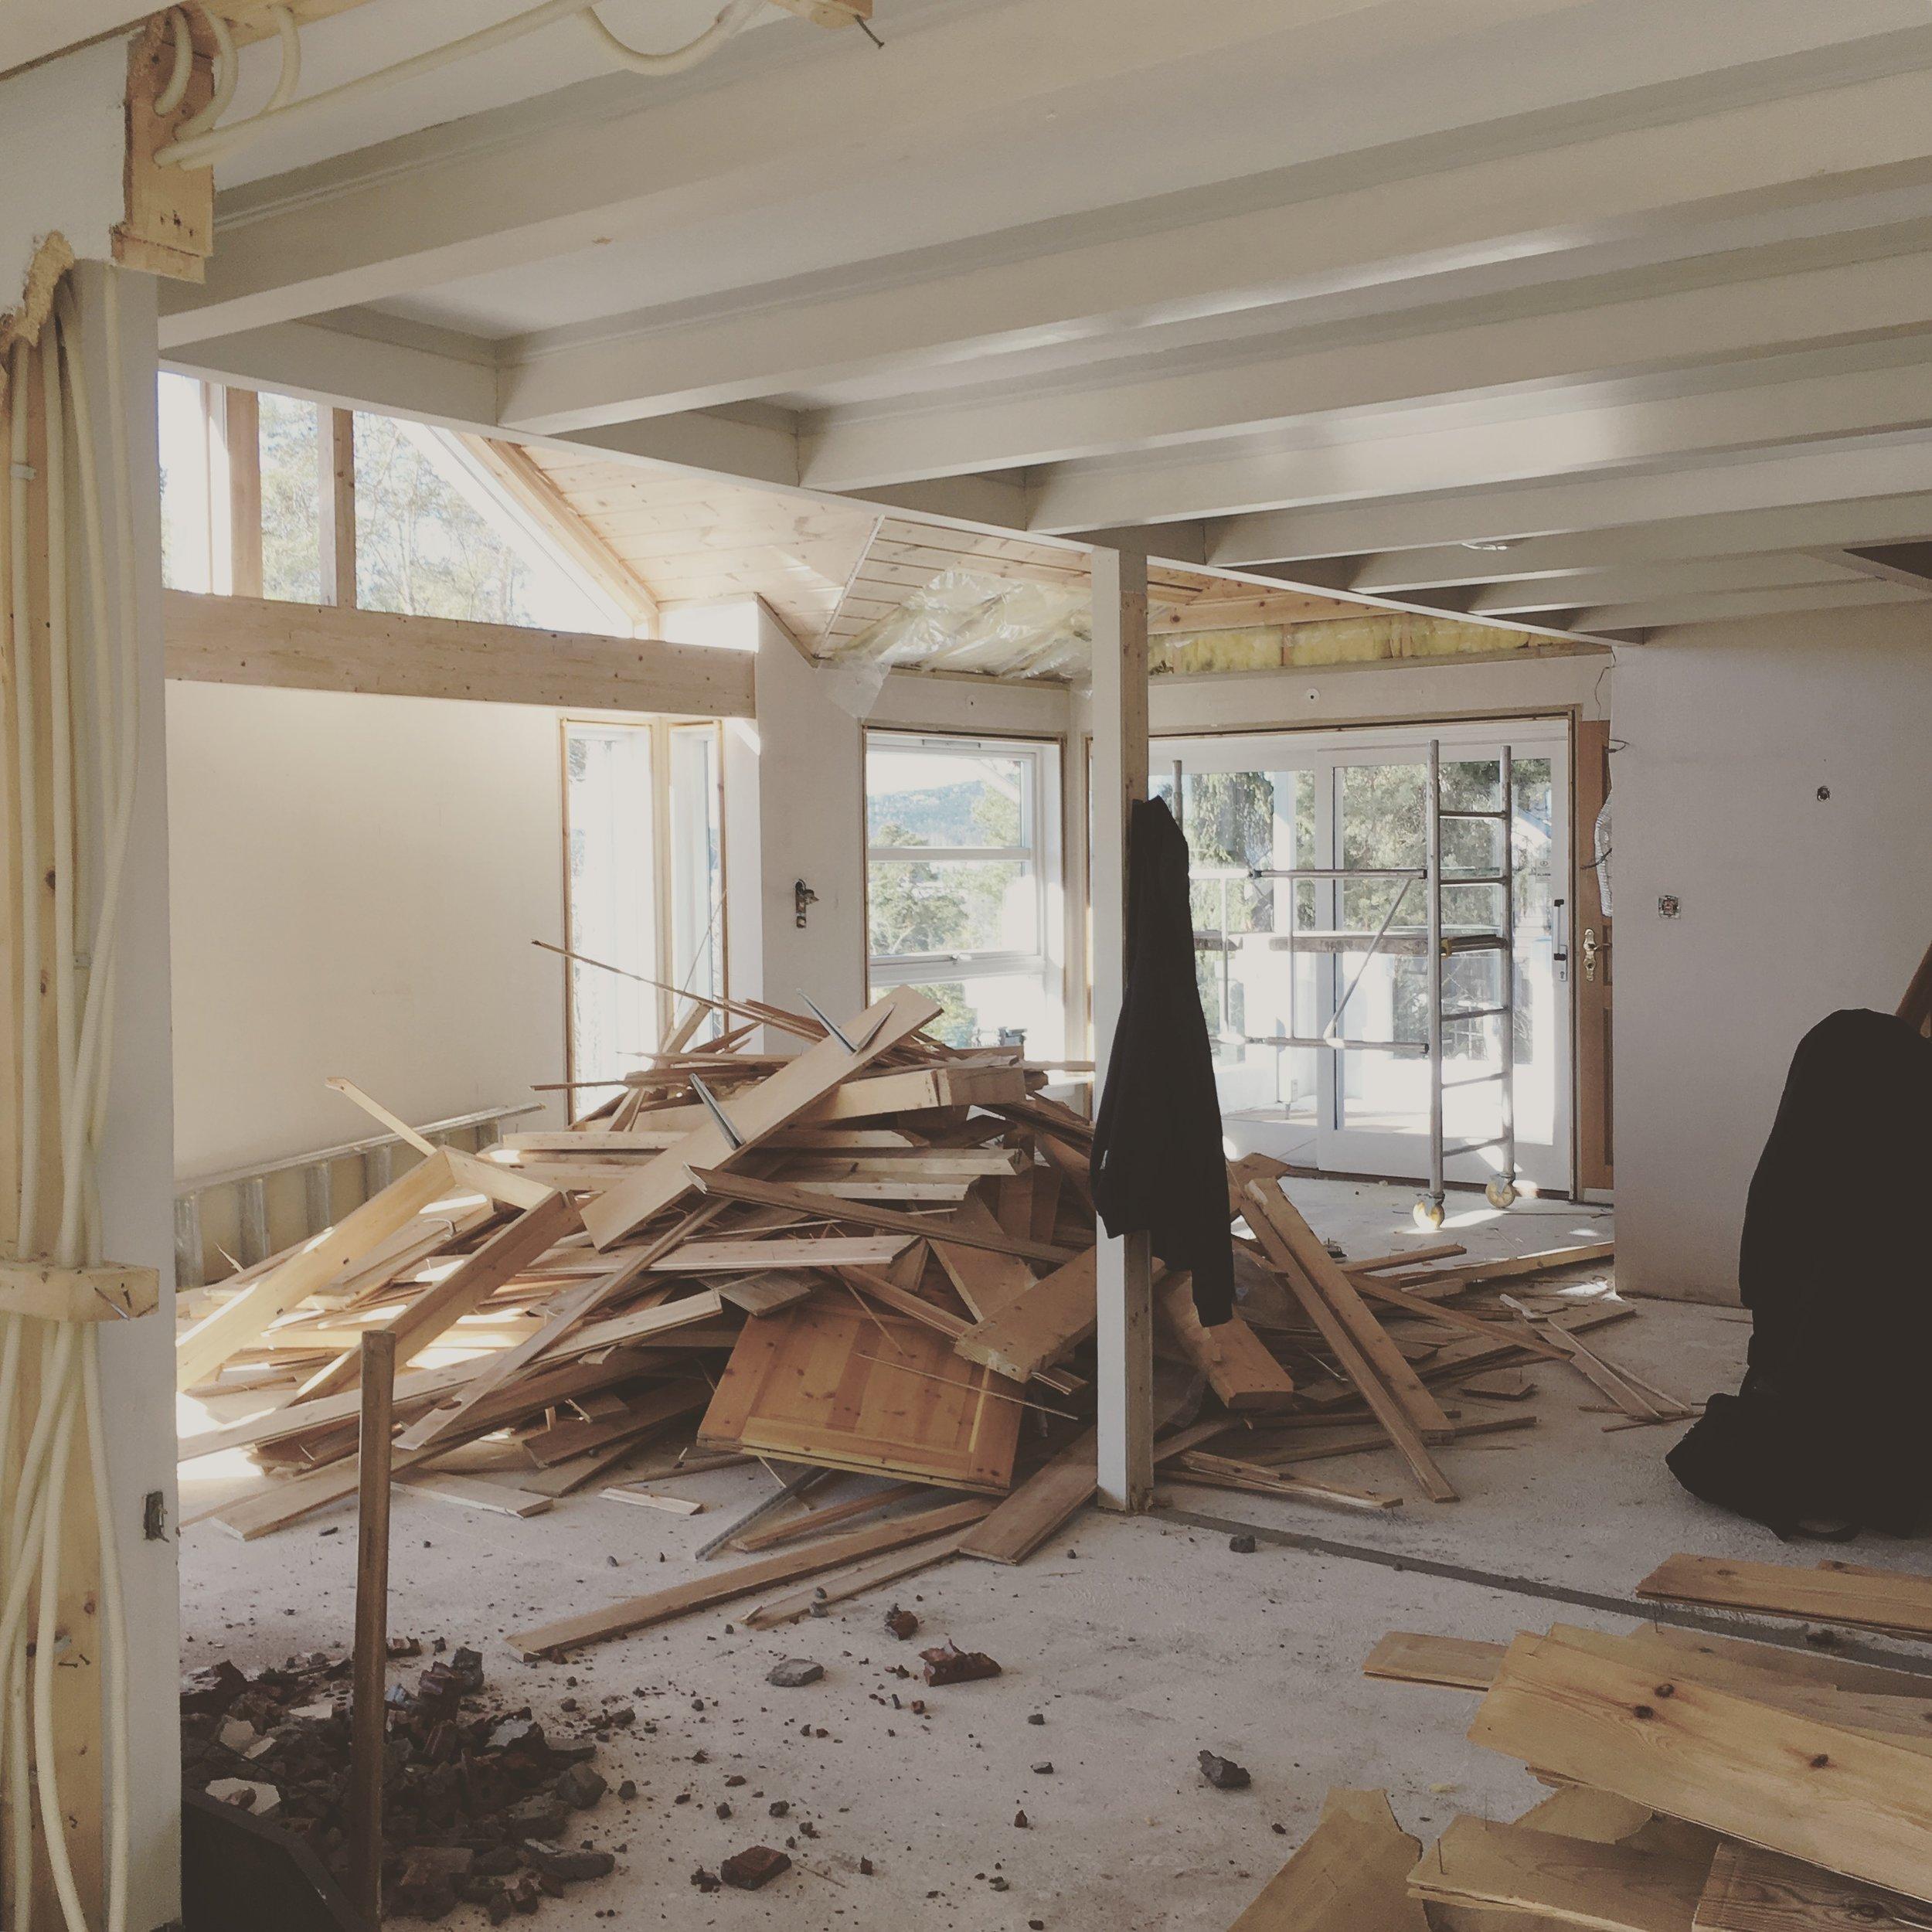 3/2017 - Byggeplass - dag 1